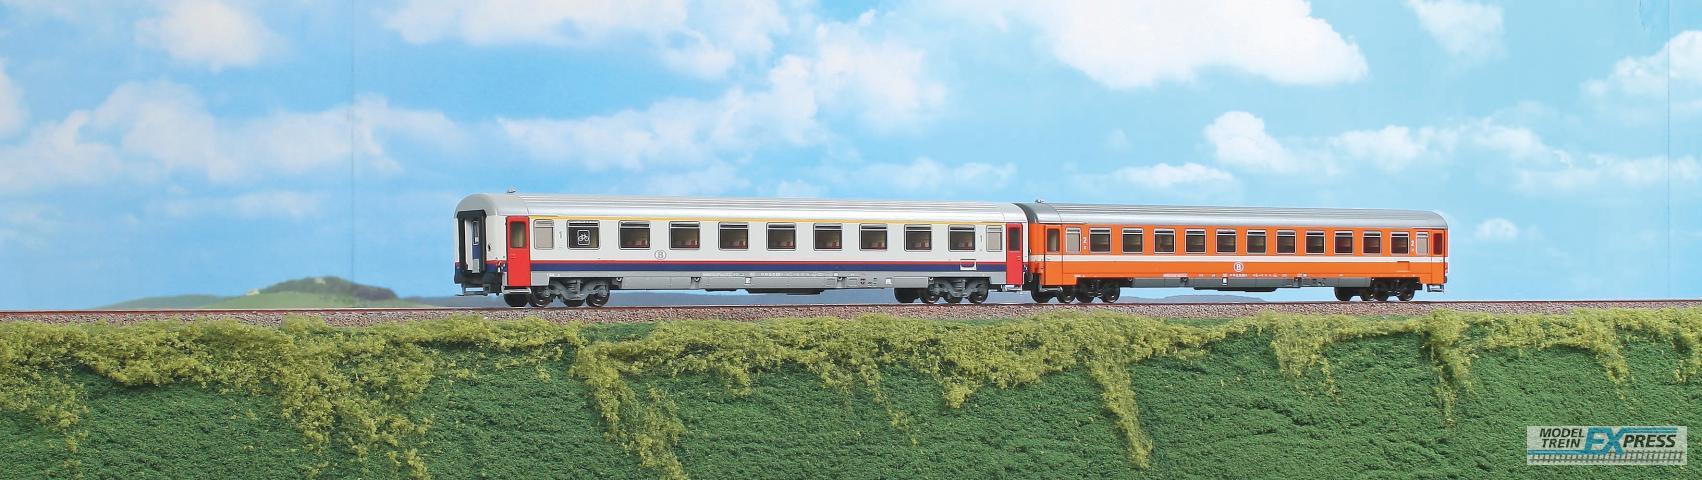 ACME 55104